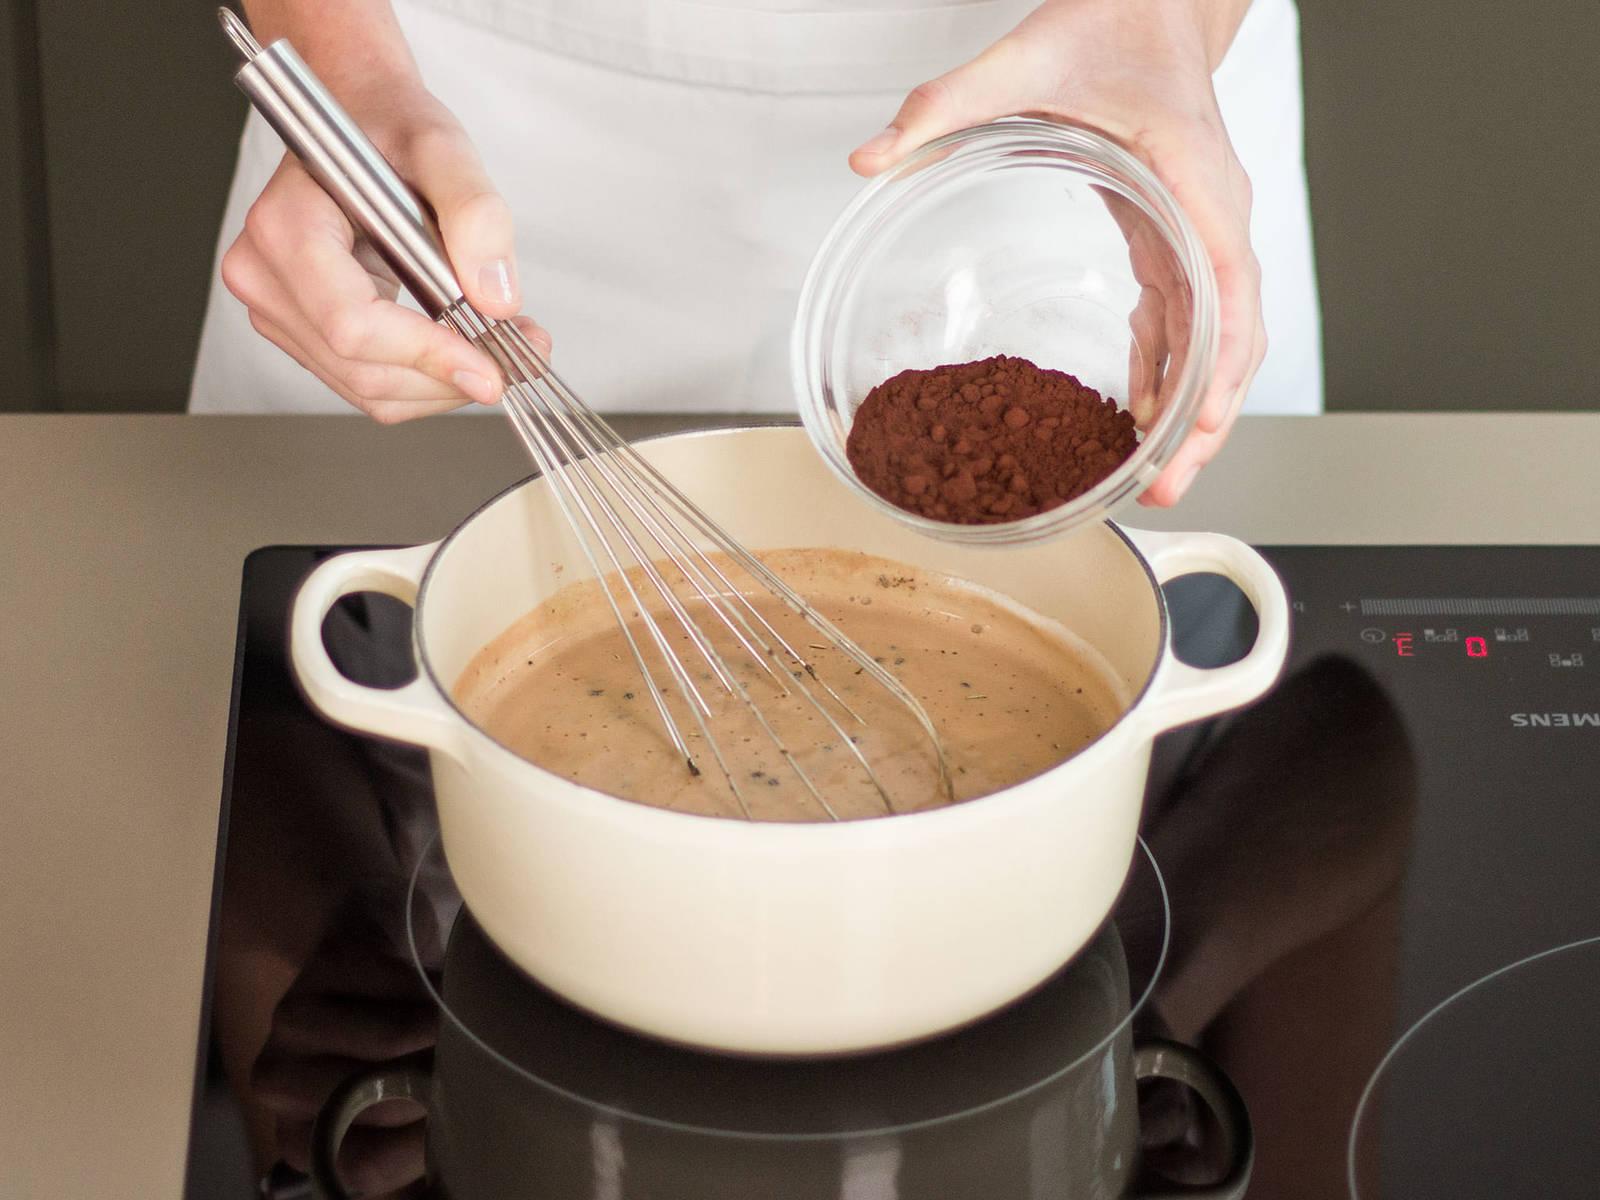 加入龙舌兰糖浆和可可粉。搅拌均匀。